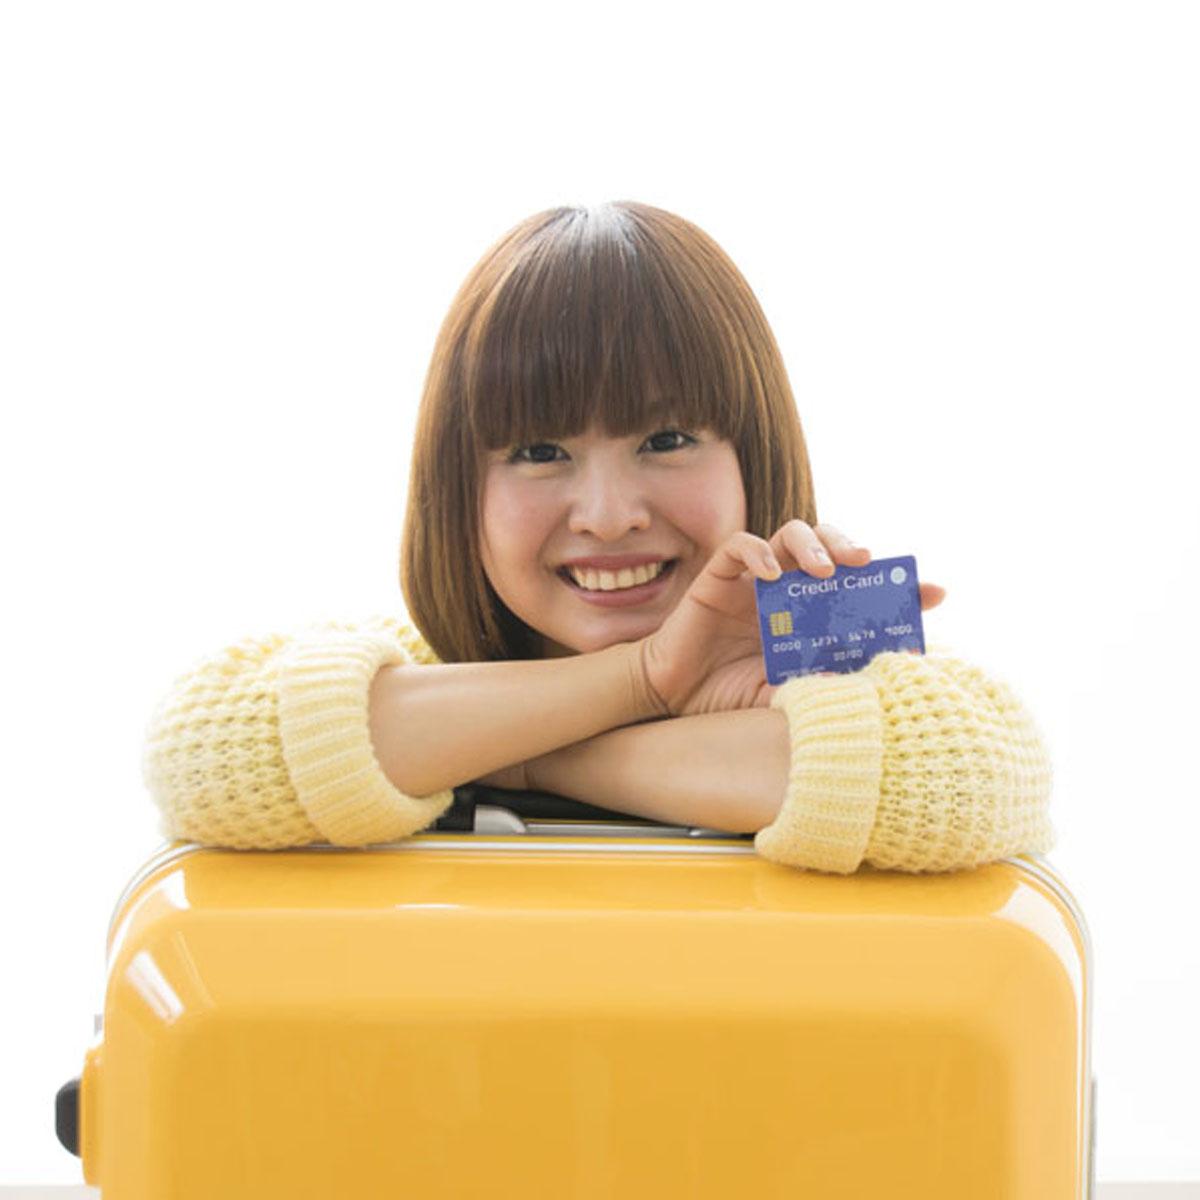 海外旅行で大活躍! クレジットカード5つの活用術。おすすめカードも紹介